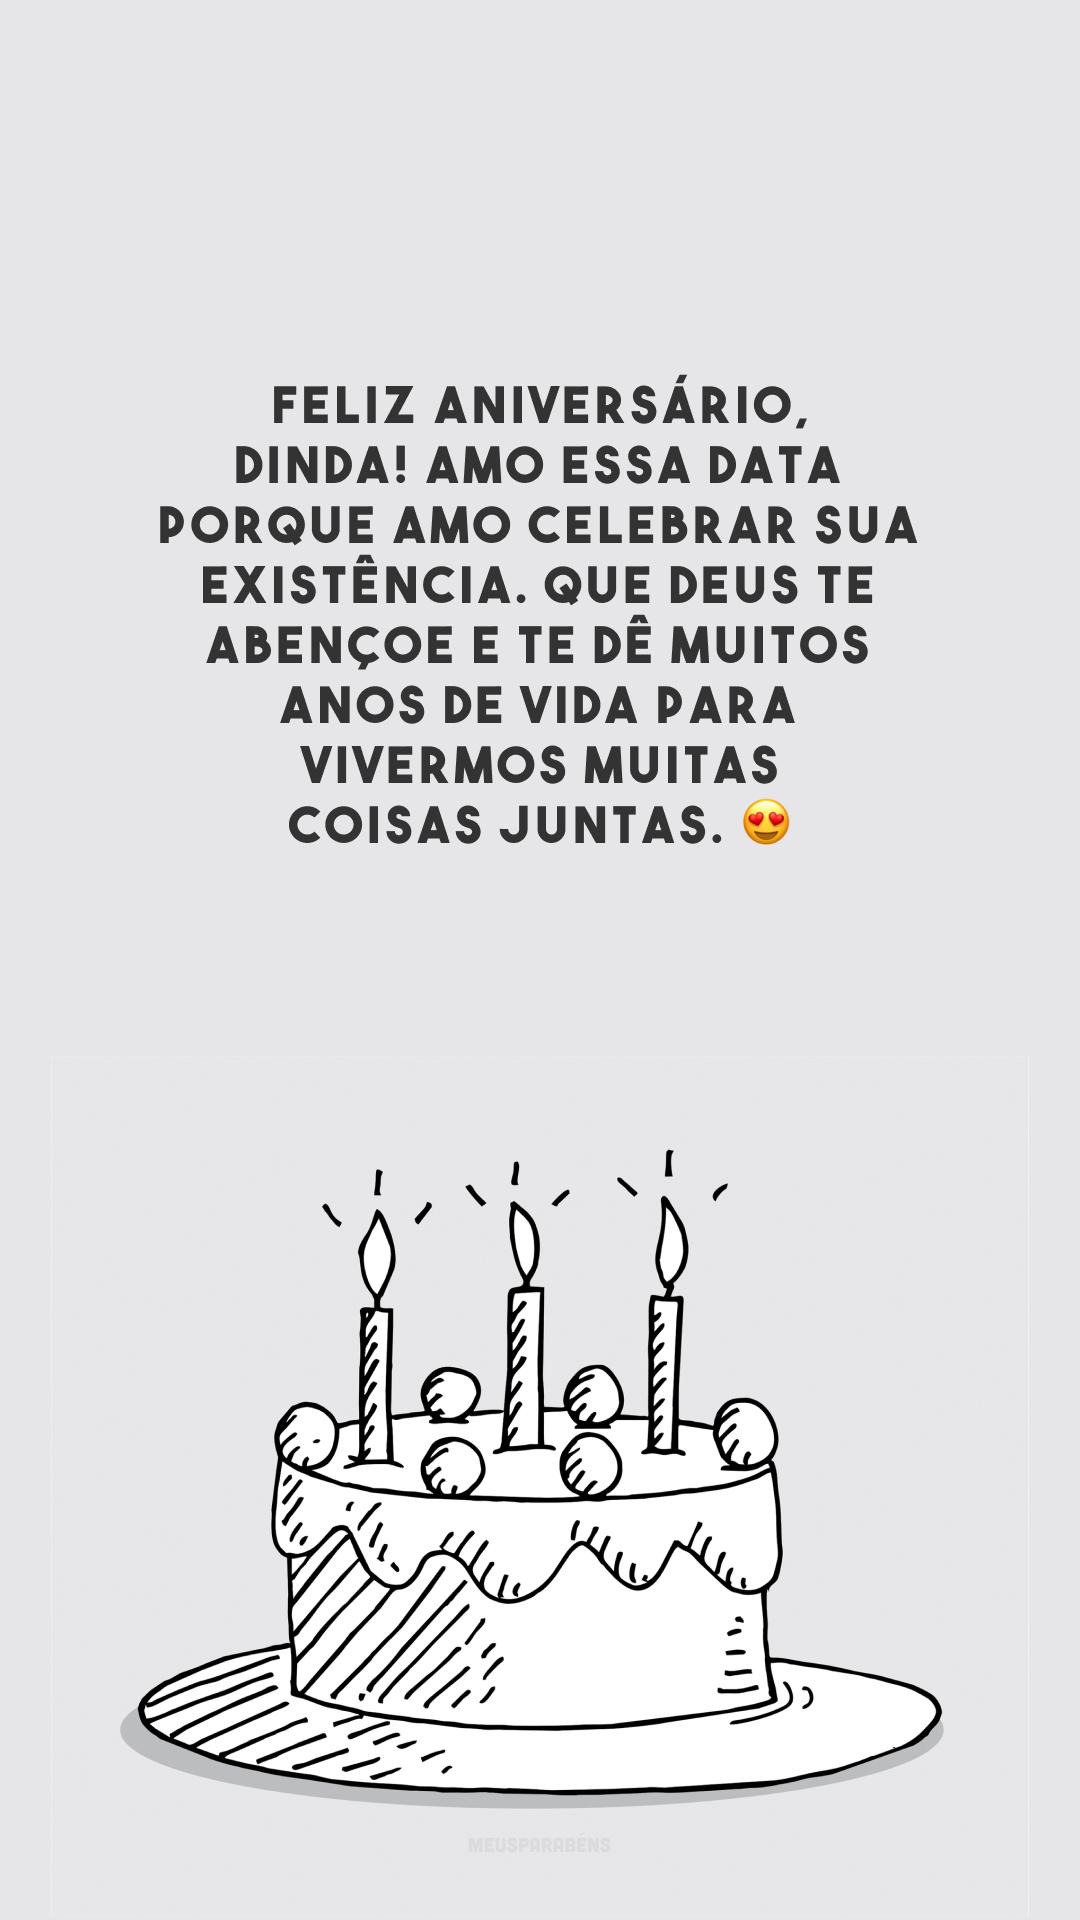 Feliz aniversário, dinda! Amo essa data porque amo celebrar sua existência. Que Deus te abençoe e te dê muitos anos de vida para vivermos muitas coisas juntas. 😍